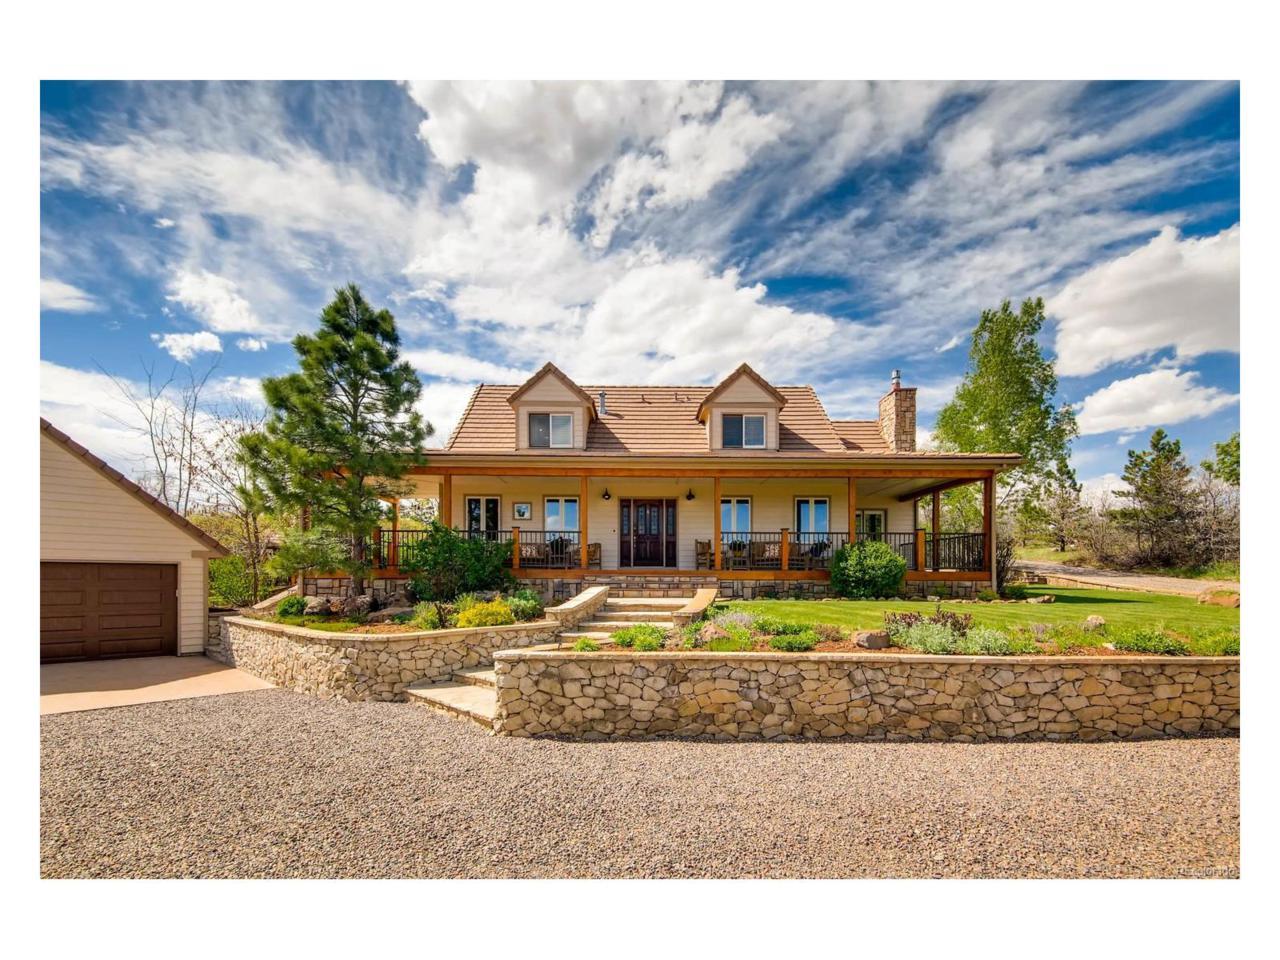 8250 N Pinewood Drive, Castle Rock, CO 80108 (MLS #7641913) :: 8z Real Estate